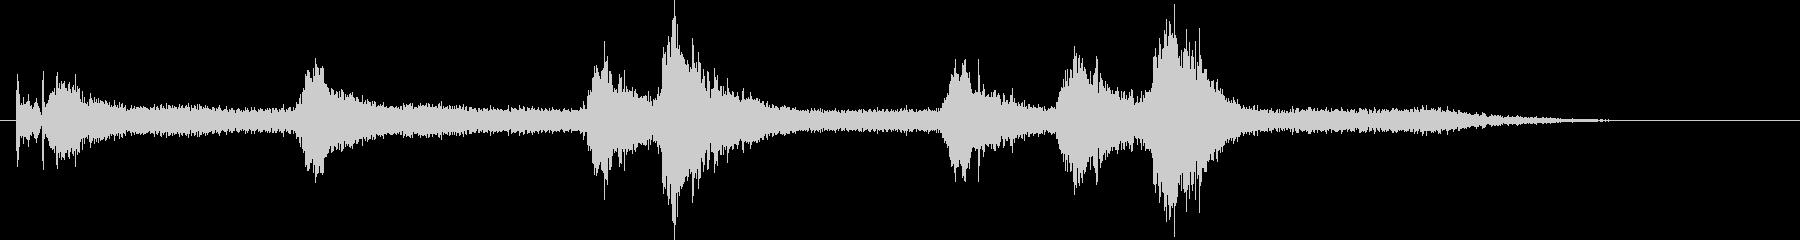 コルベット;開始/アイドル/オフ。...の未再生の波形